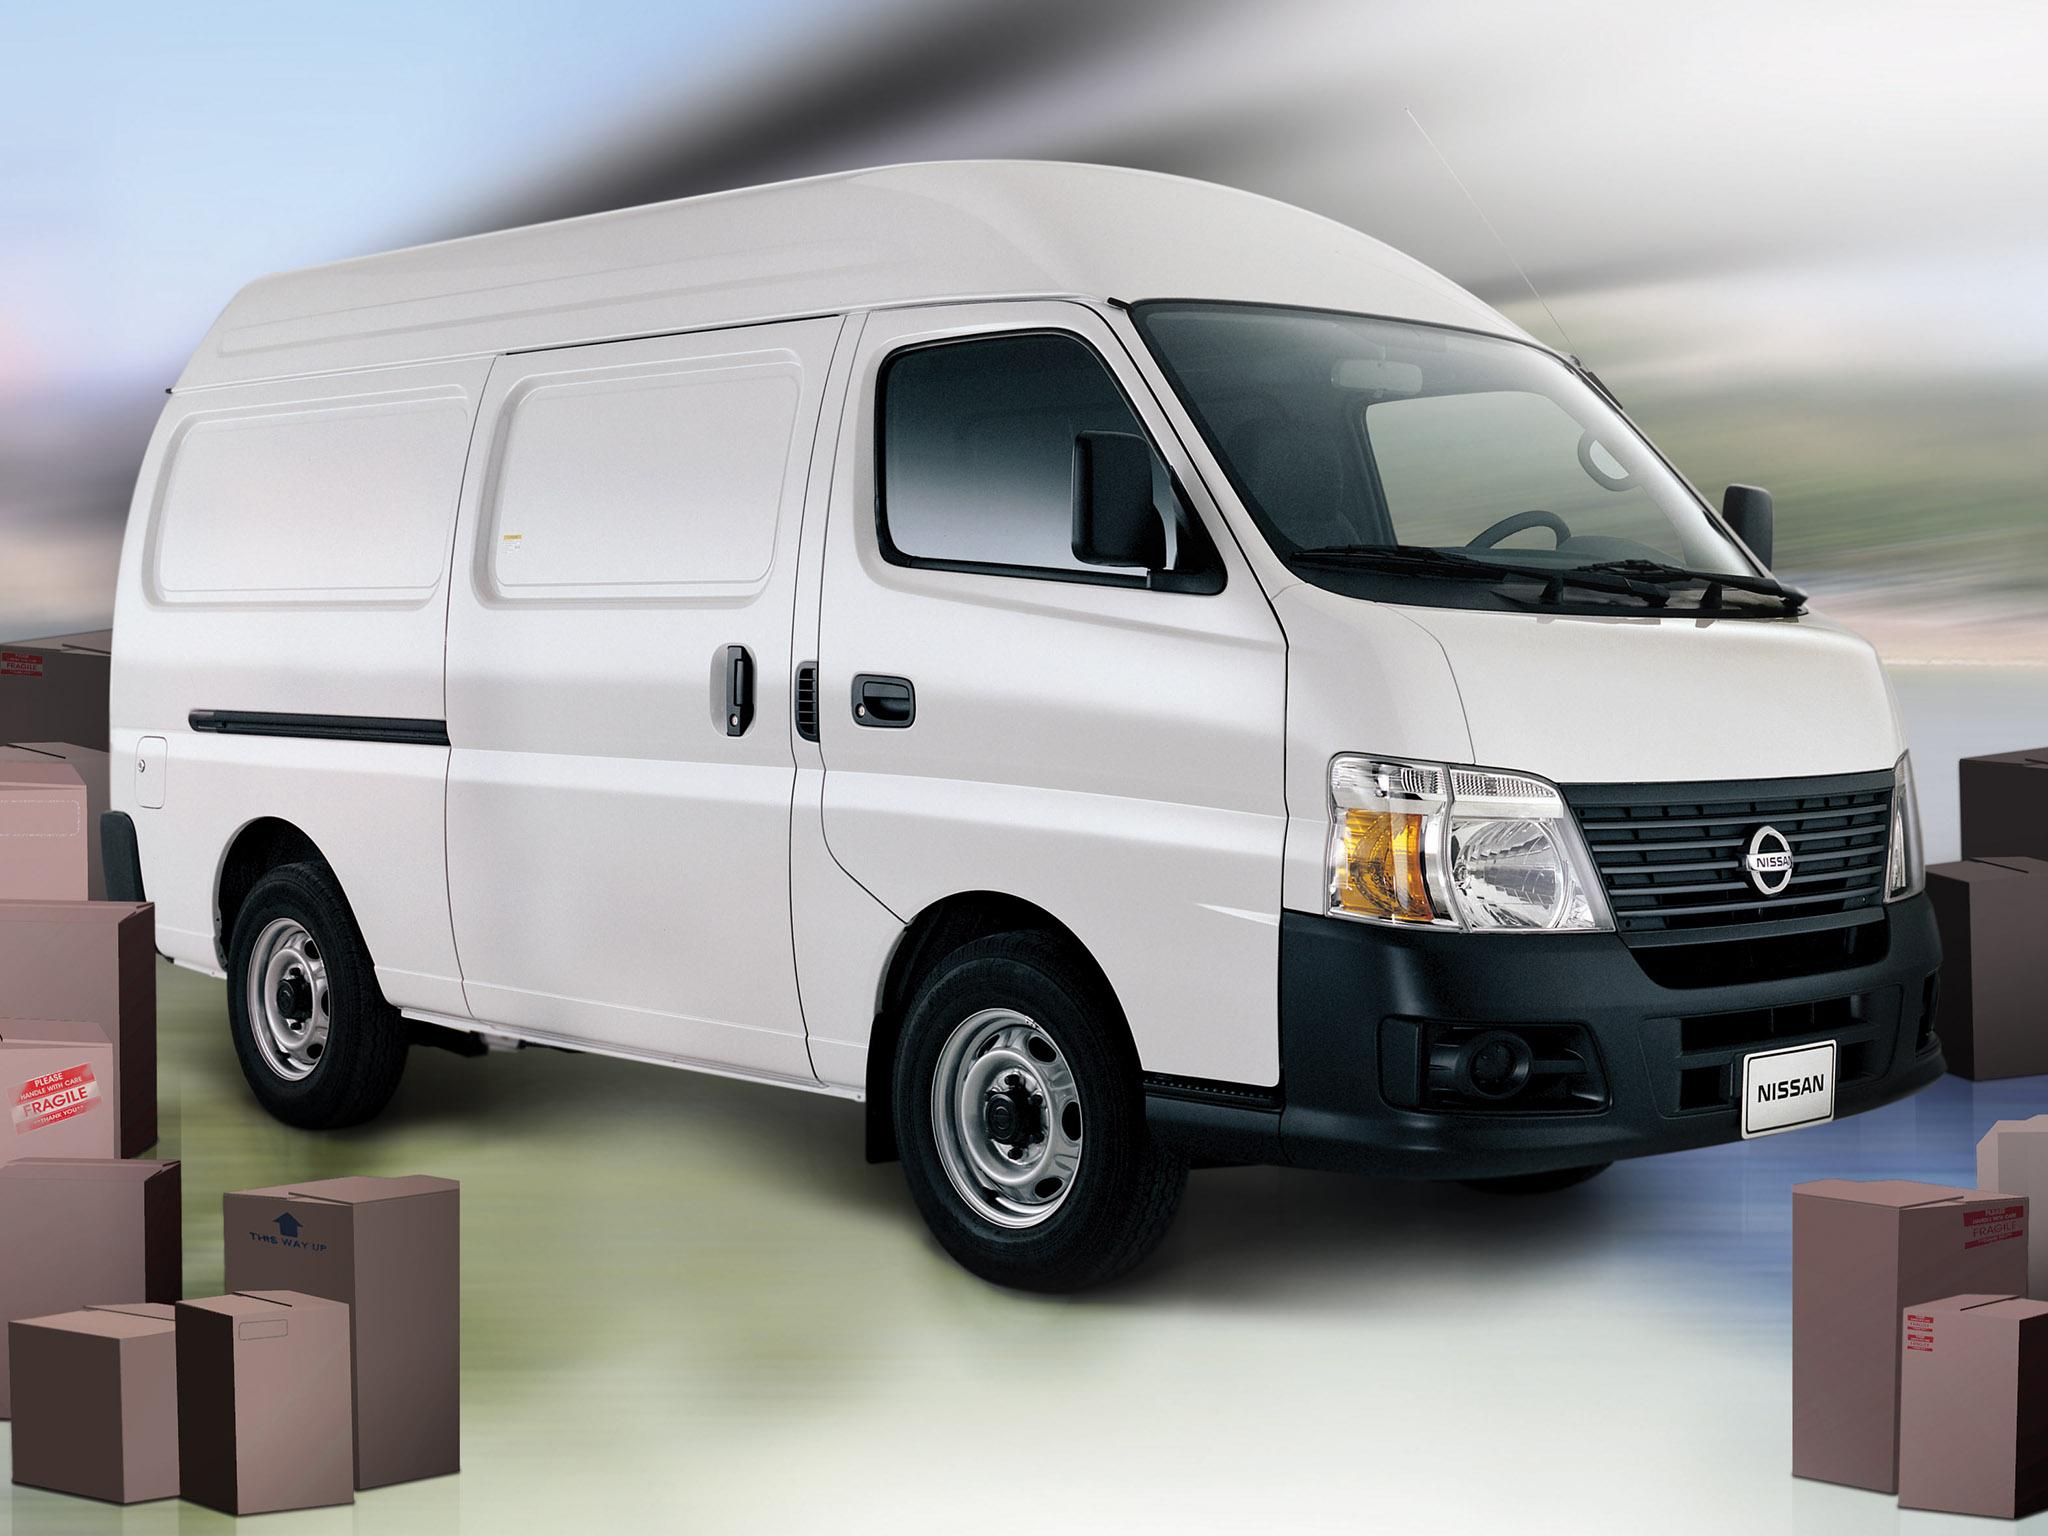 Nissan Urvan Image 12